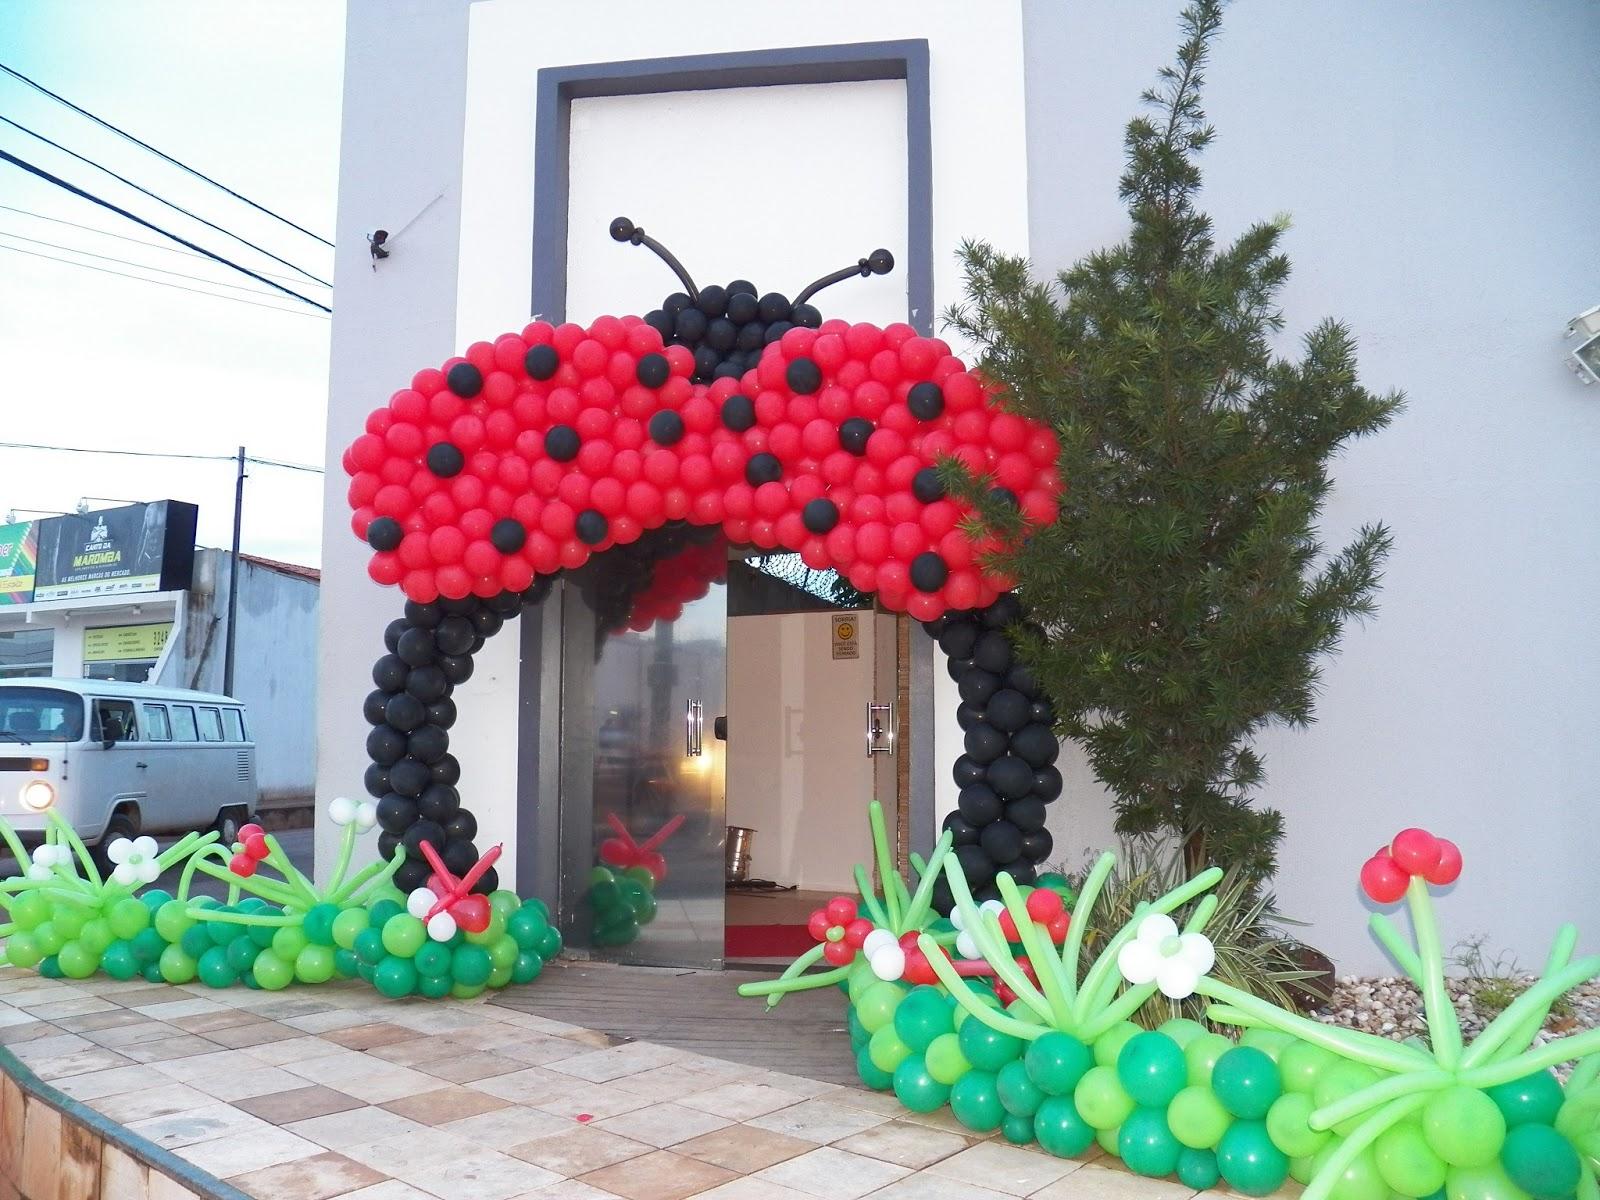 decoracao de balões jardim encantado:Entrada da festa foi um arco em balão em formato de joaninha